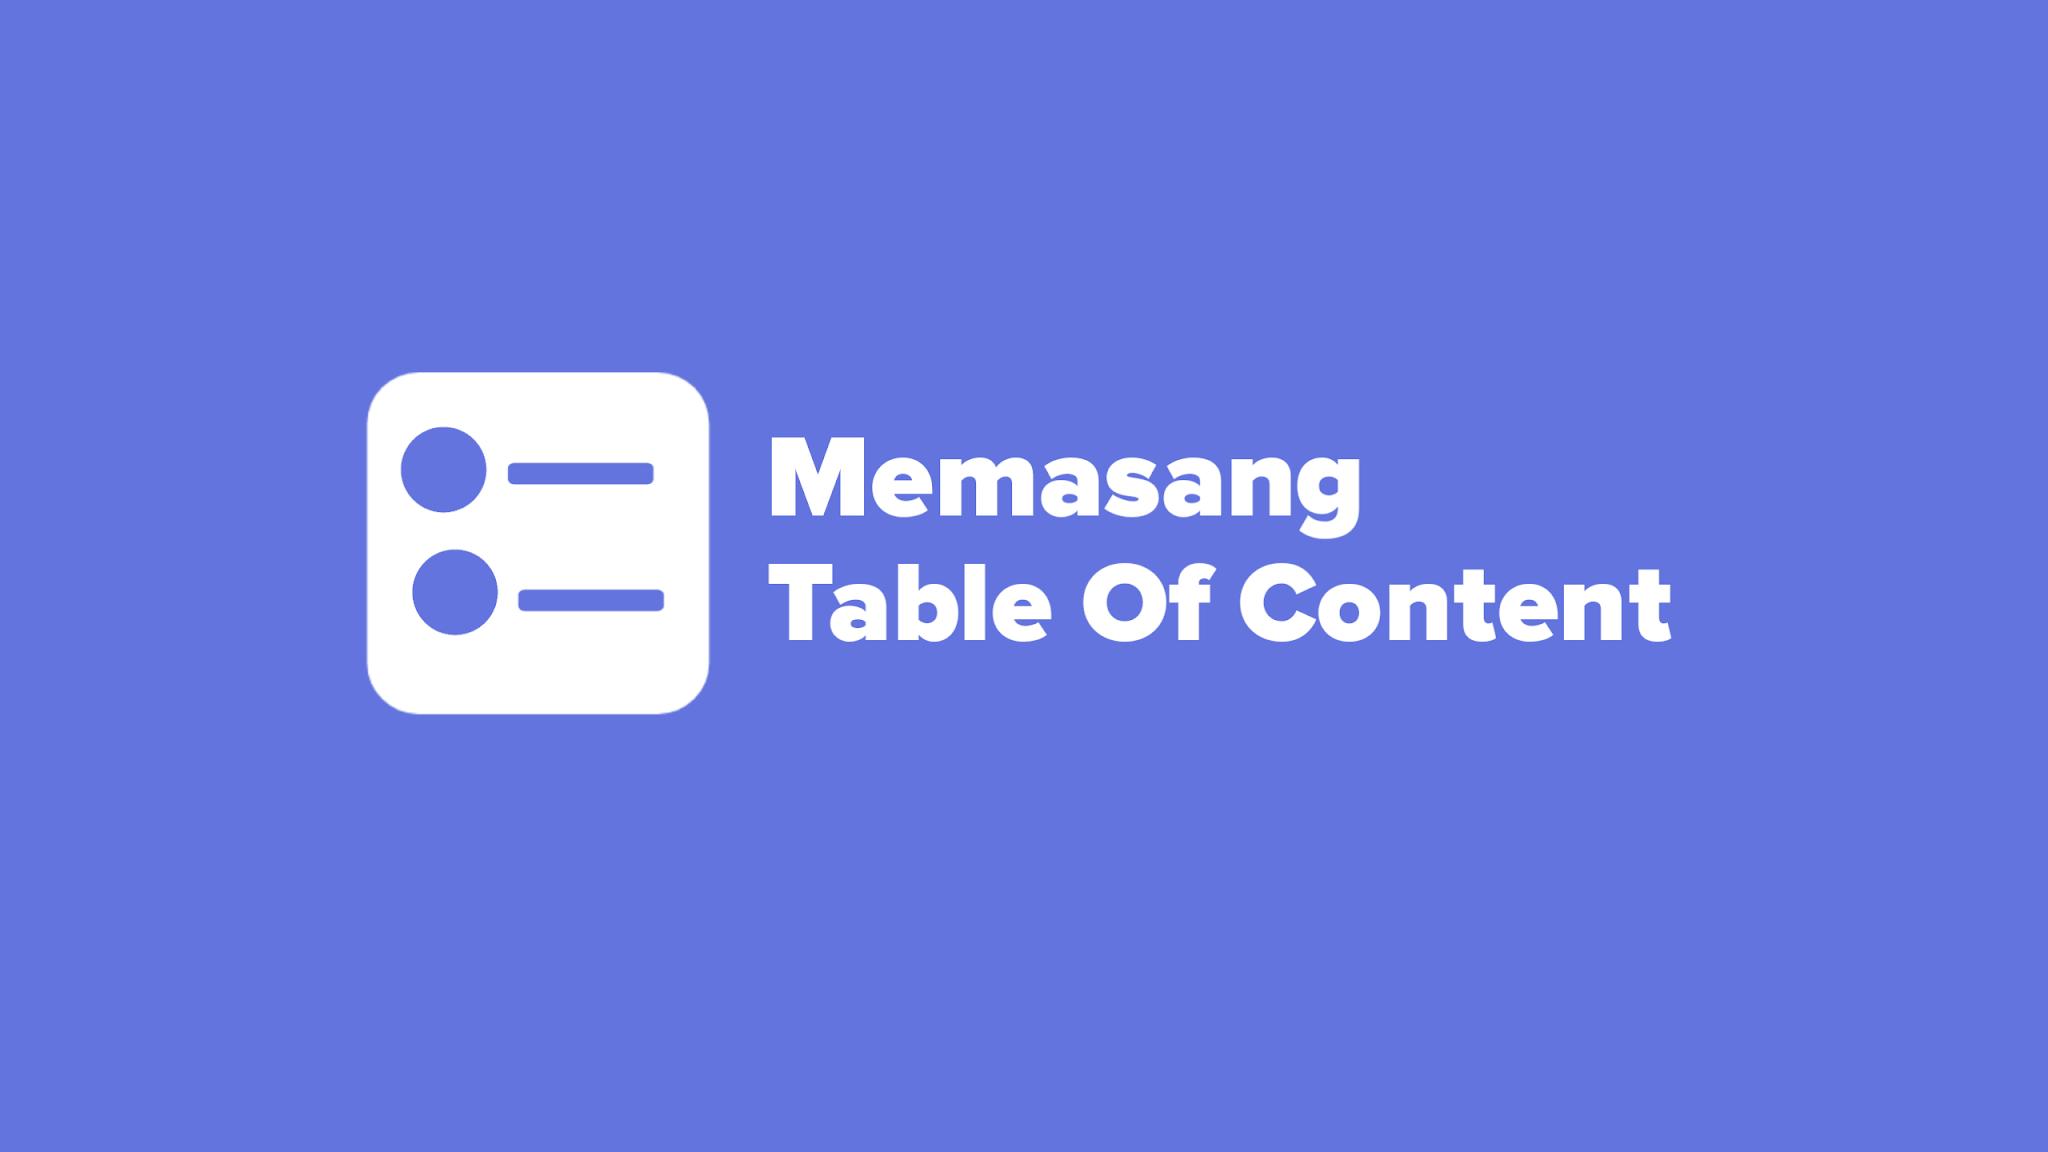 Membuat toc seo di blog secara otomatis dan manual. table of content blogger.